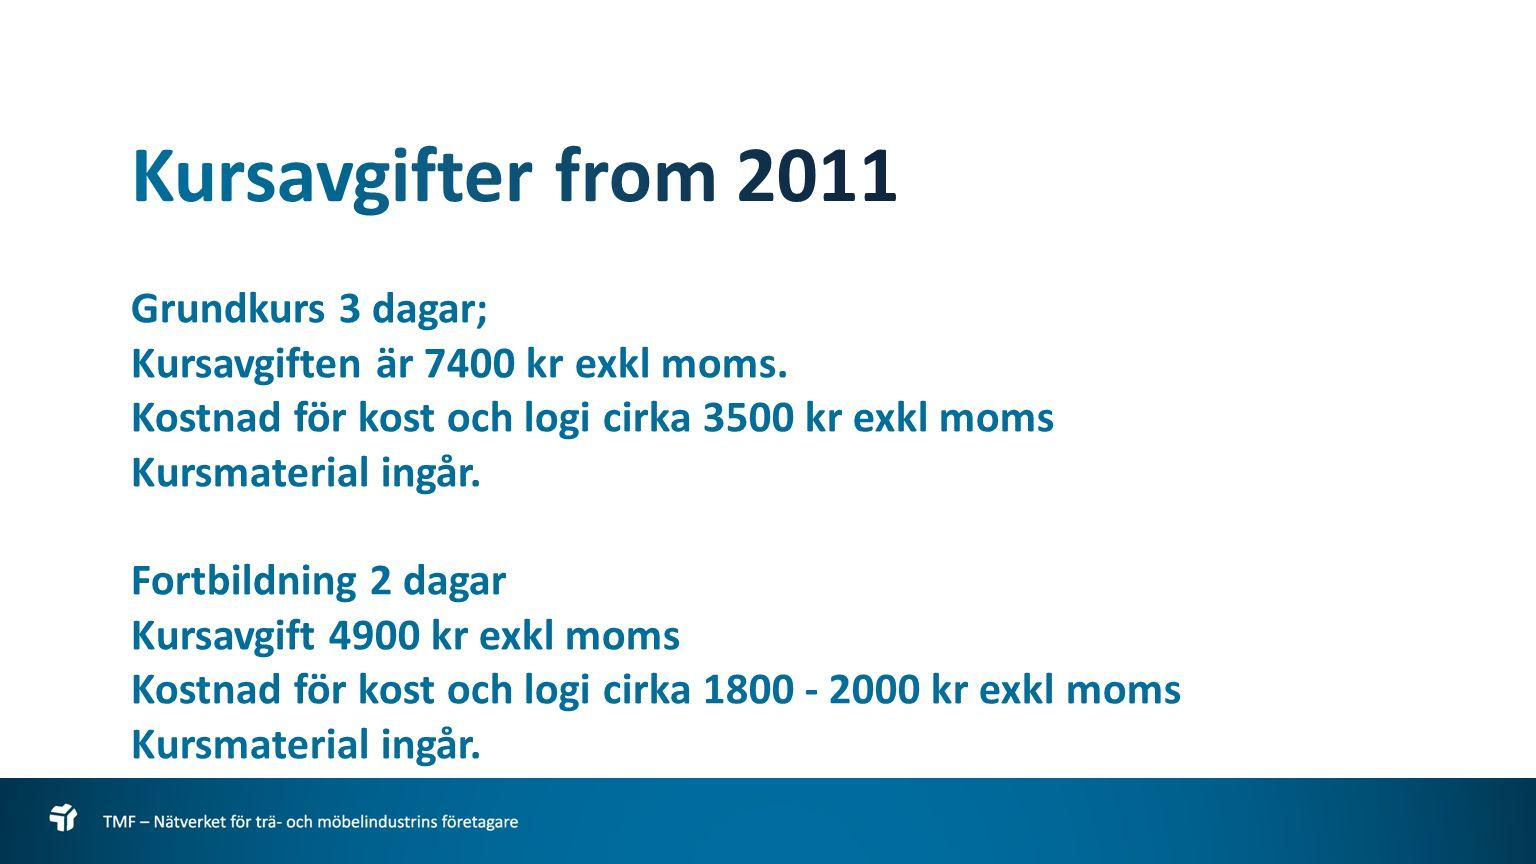 Grundkurs 3 dagar; Kursavgiften är 7400 kr exkl moms.